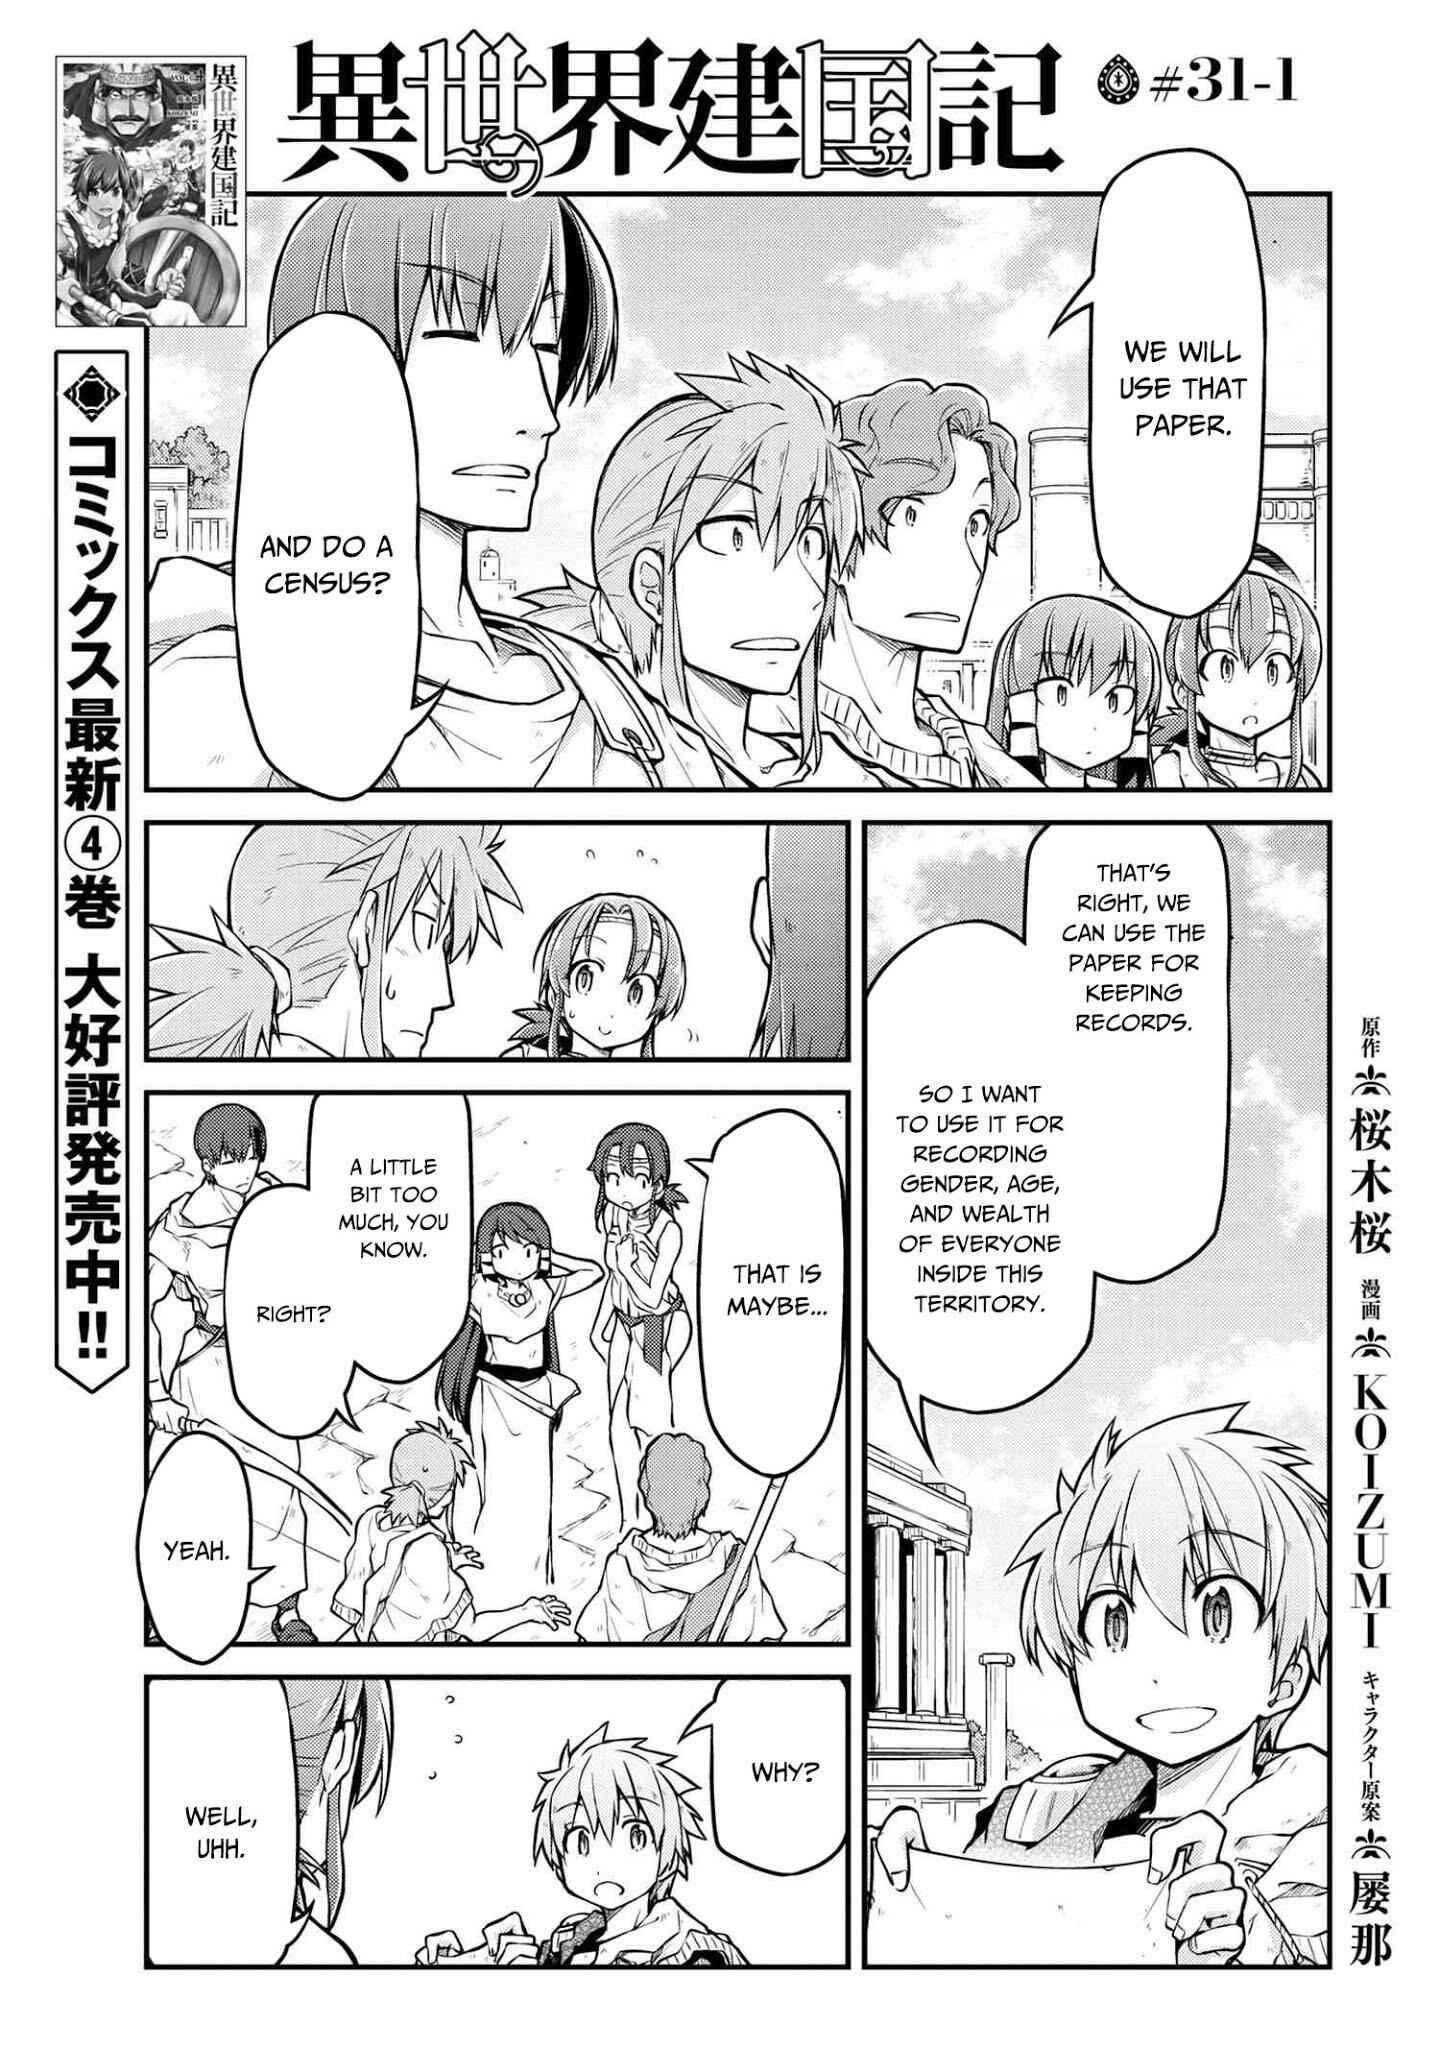 Isekai Kenkokuki - chapter 31.1-eng-li